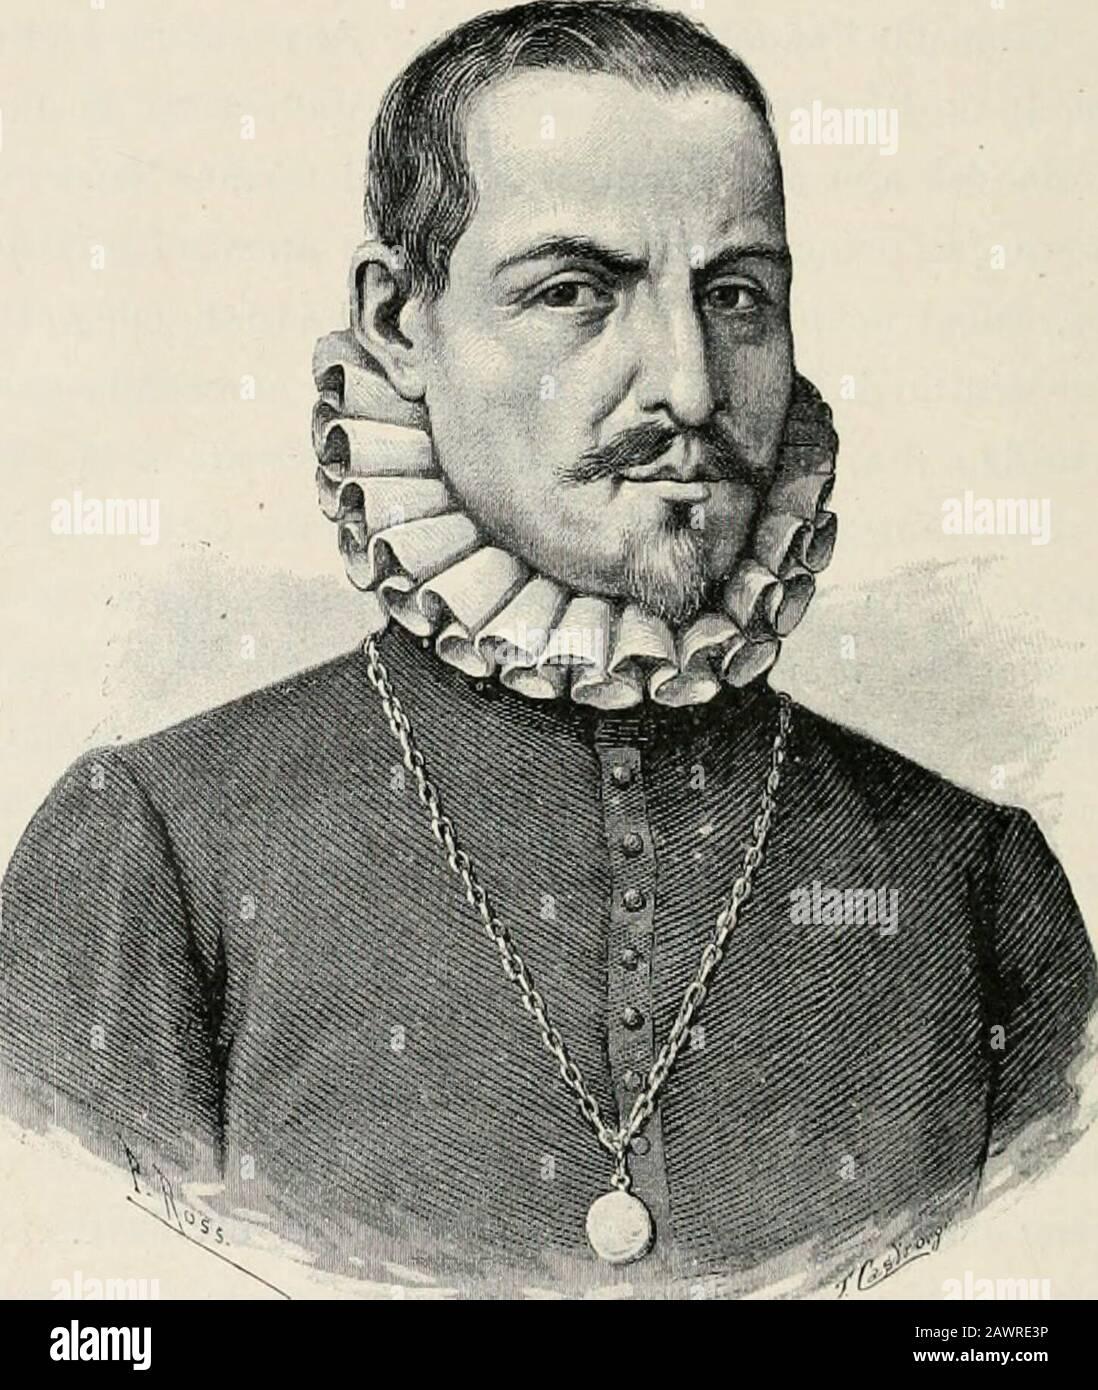 Cristóbal Cólon : su vida, sus viajes, sus descubrimientos . Lxvi CRISTÓBAL COLÓN í=í=V .*• V , ?-íf ,s^ mz . r> m- -*- ^. ^/i nador de la provincia de Cartagena, 5 alcalde del fuerte deSanto Domingo, habiendo ocho veces pasado el grande Occcauo,murió en Valladolid en 1557. Aunque á Herrera, comasco cronista sindaco de Indias,se le facilitaron todos los documententos que existían en losarchivos oficiales, su obra, en lo rilancio al descubrimiento. ANTONIO DE HERRERA ^.-V. T-- j^V^.Ji. 3^ á la vida de Cristóbal Colón, es una mera ampliacion delo dicho por fray Bartolomé de Las Casas, á quie Foto Stock